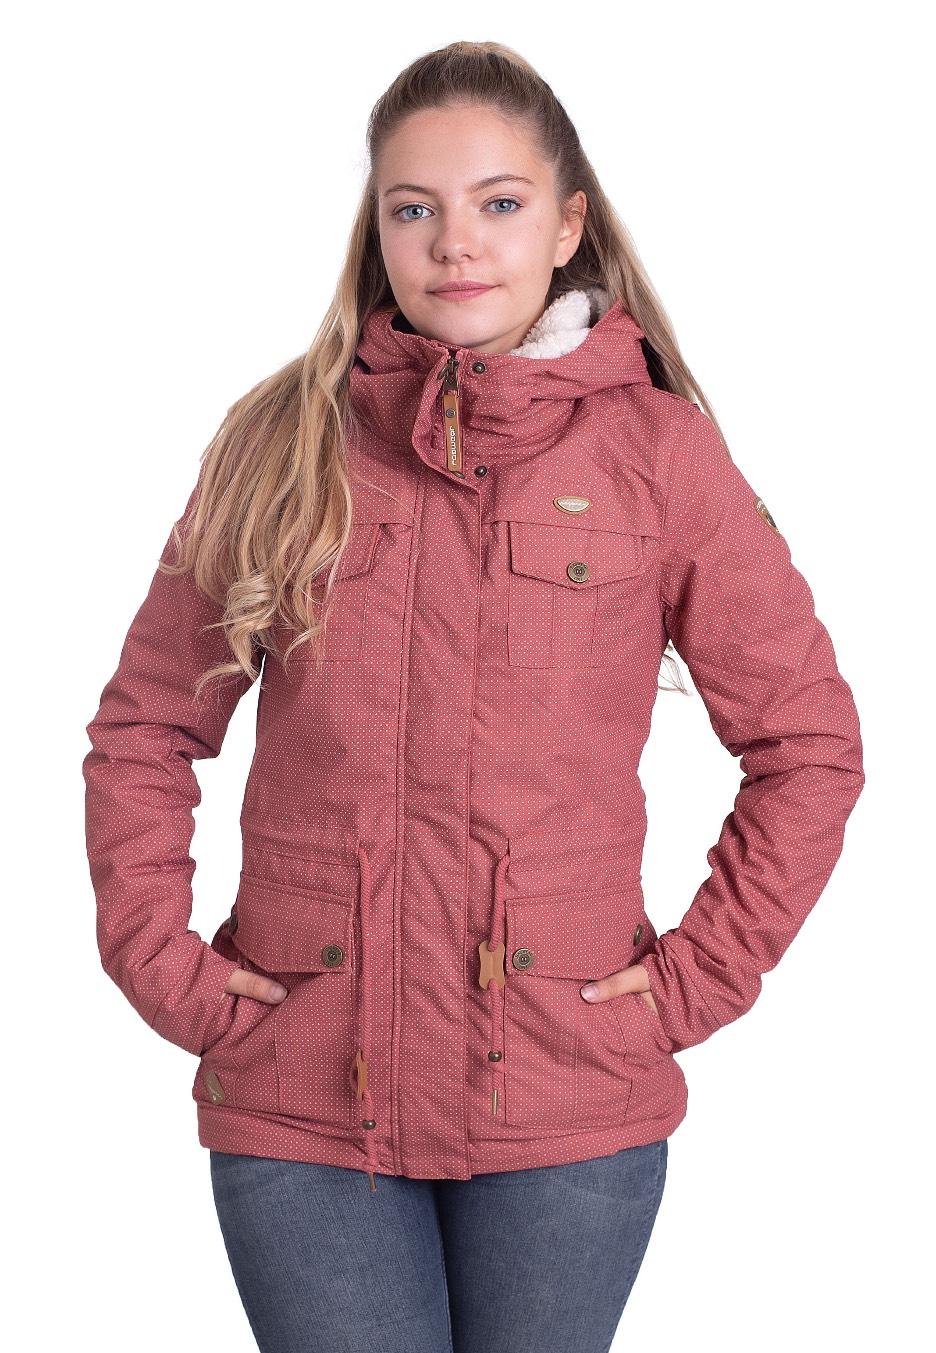 Jacken - Ragwear Laika Minidots Dusty Red Jacken  - Onlineshop IMPERICON